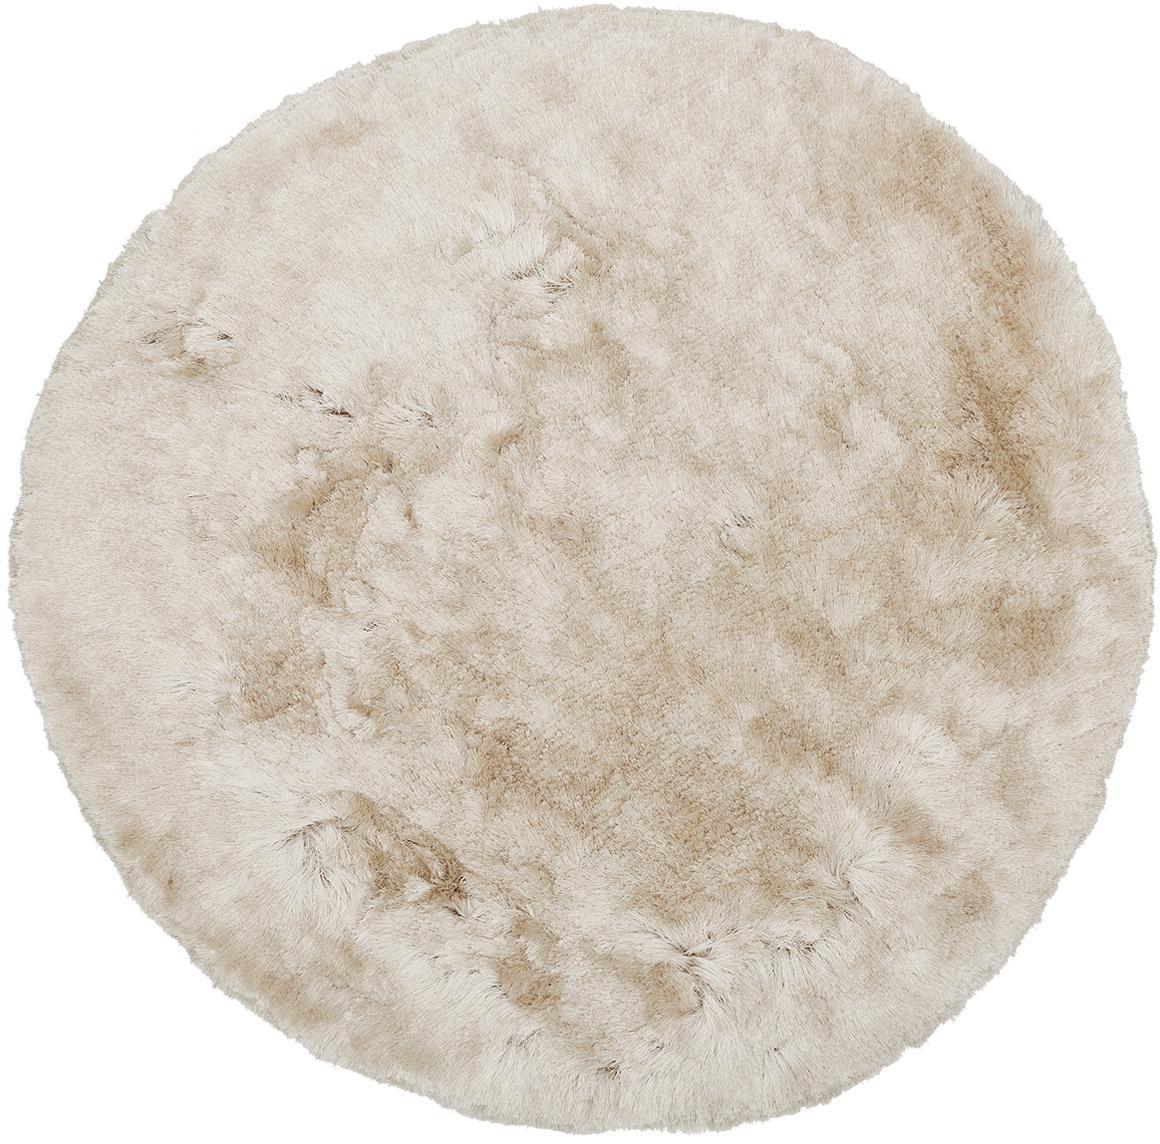 Tappeto lucido rotondo a pelo lungo Jimmy, Retro: 100% cotone, Avorio, Ø 150 cm (taglia M)